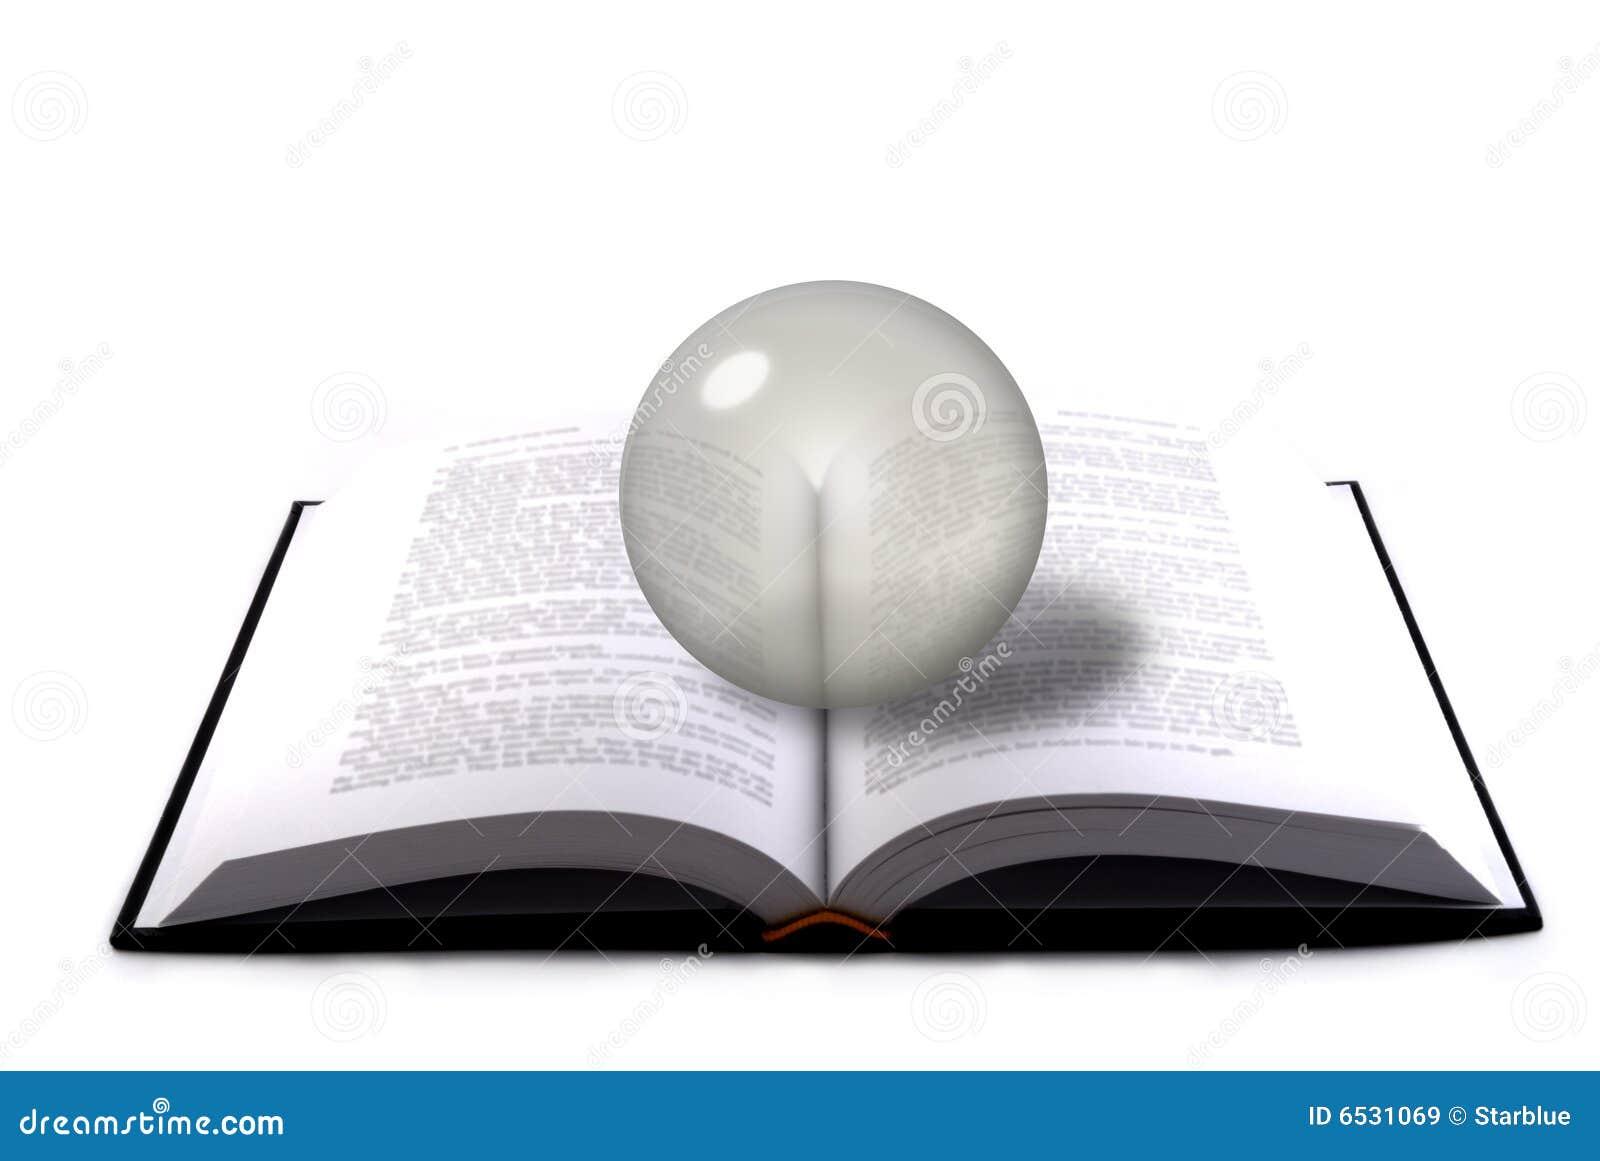 Książkowa krystaliczna sfera